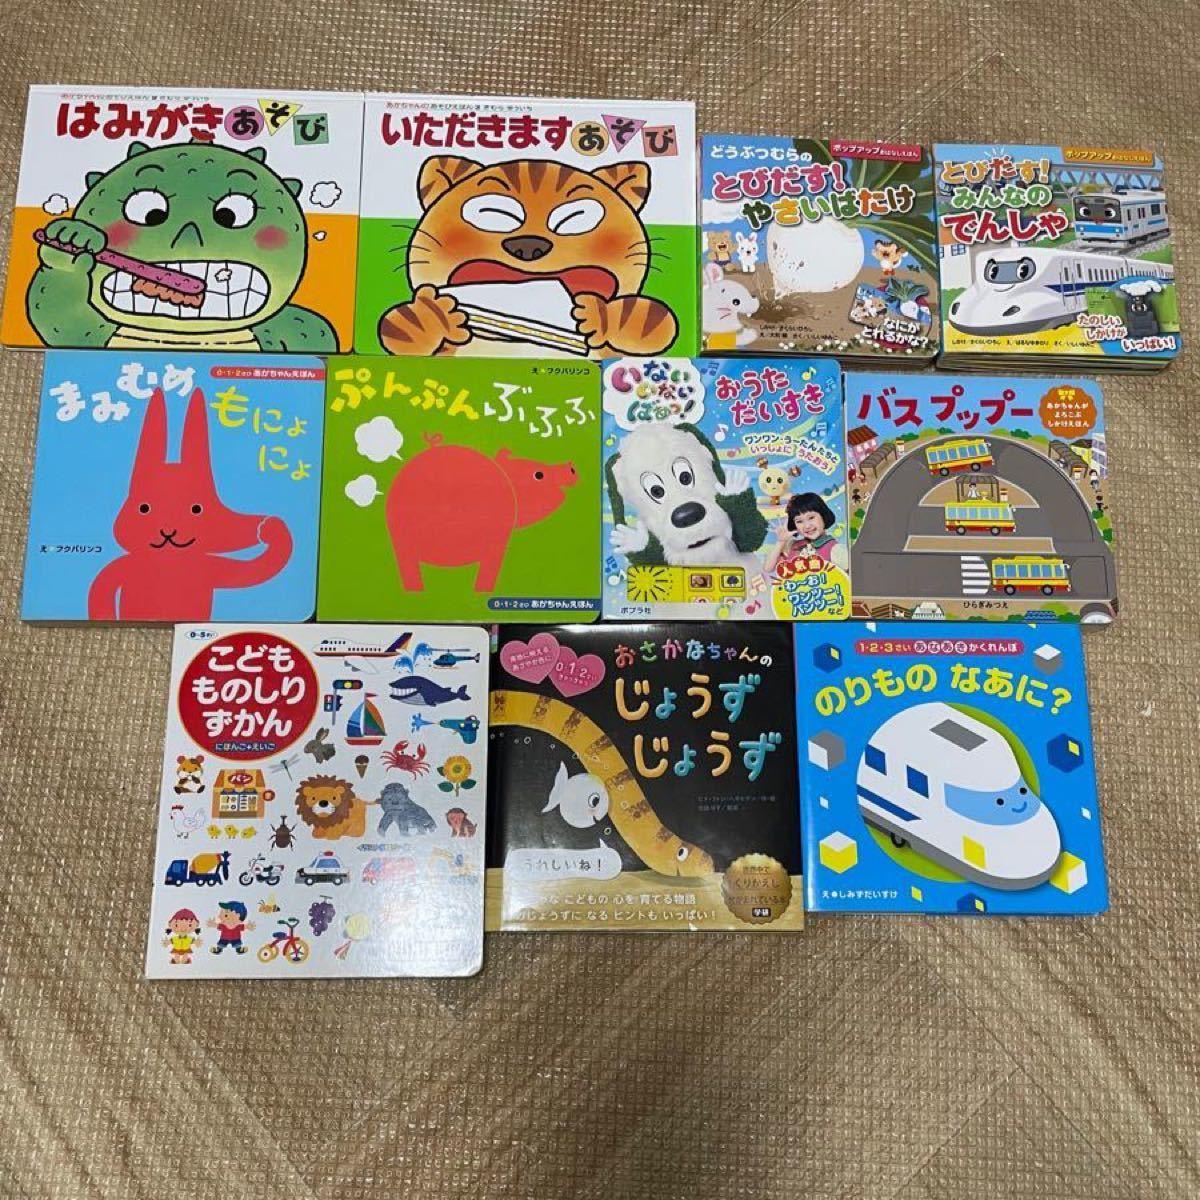 絵本 赤ちゃん しかけ絵本 まとめ売り 11冊 中古 えほん  赤ちゃん絵本 読み聞かせ